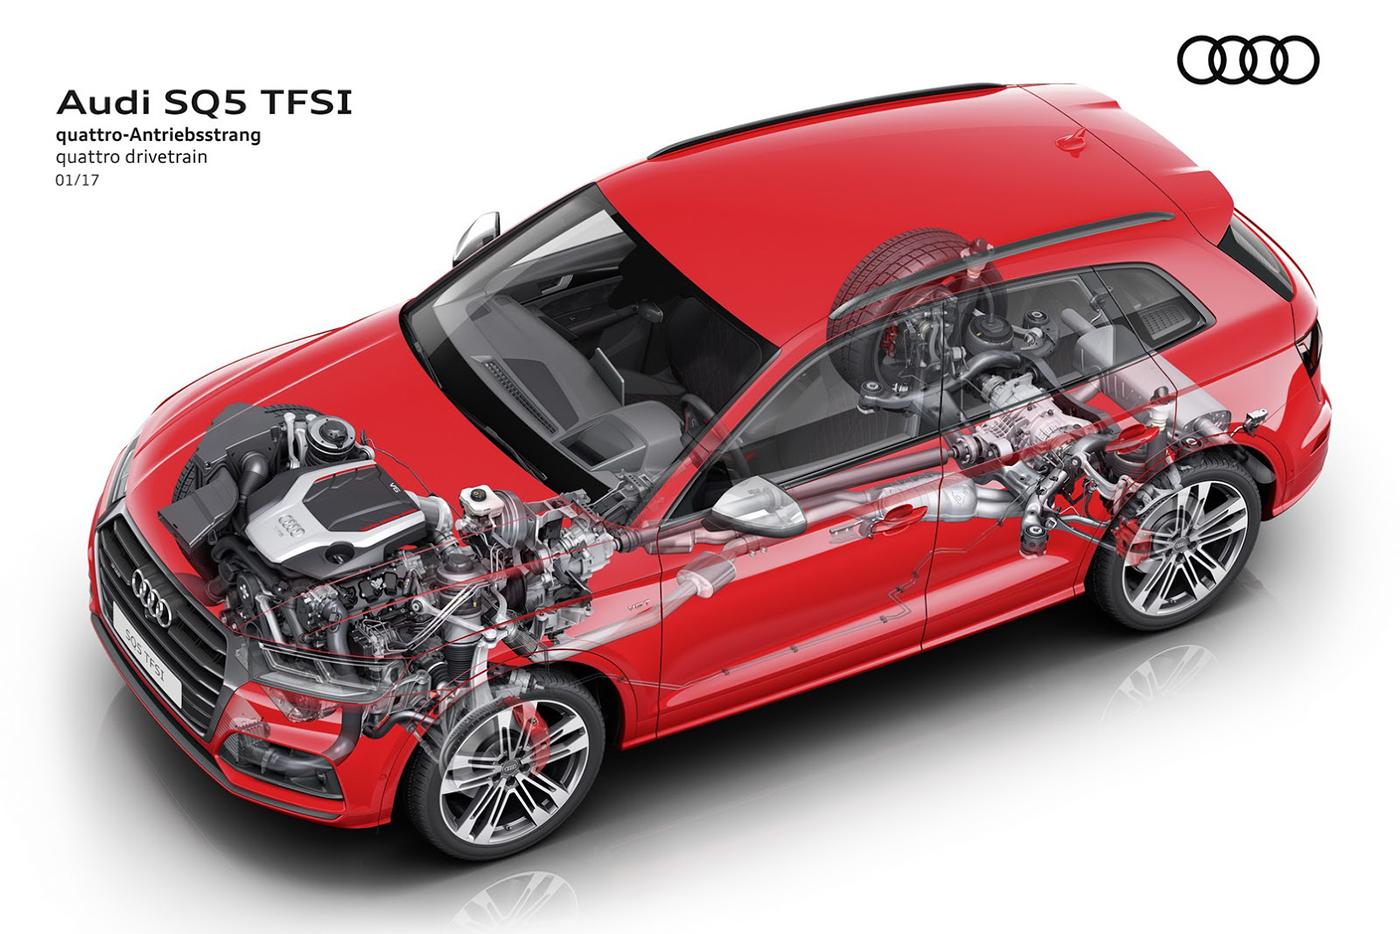 Audi giới thiệu SQ5 hoàn toàn mới, công suất 350 mã lực - ảnh 5